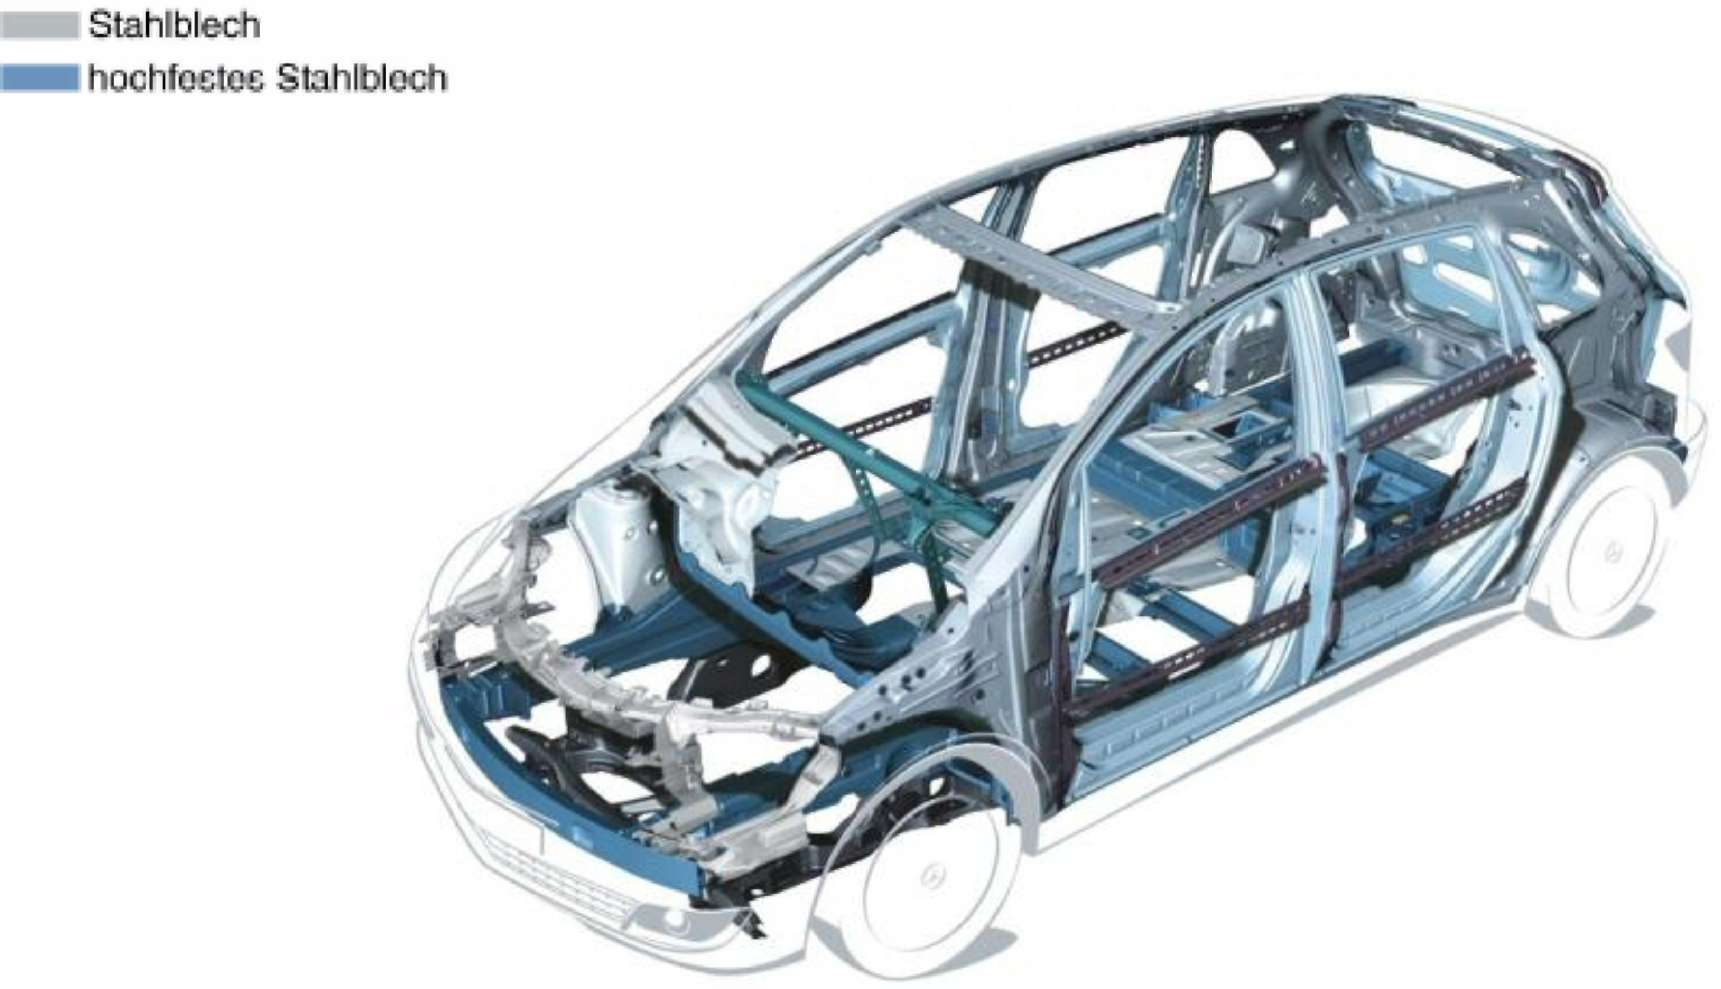 5.2 Информация по силовой структуре кузова